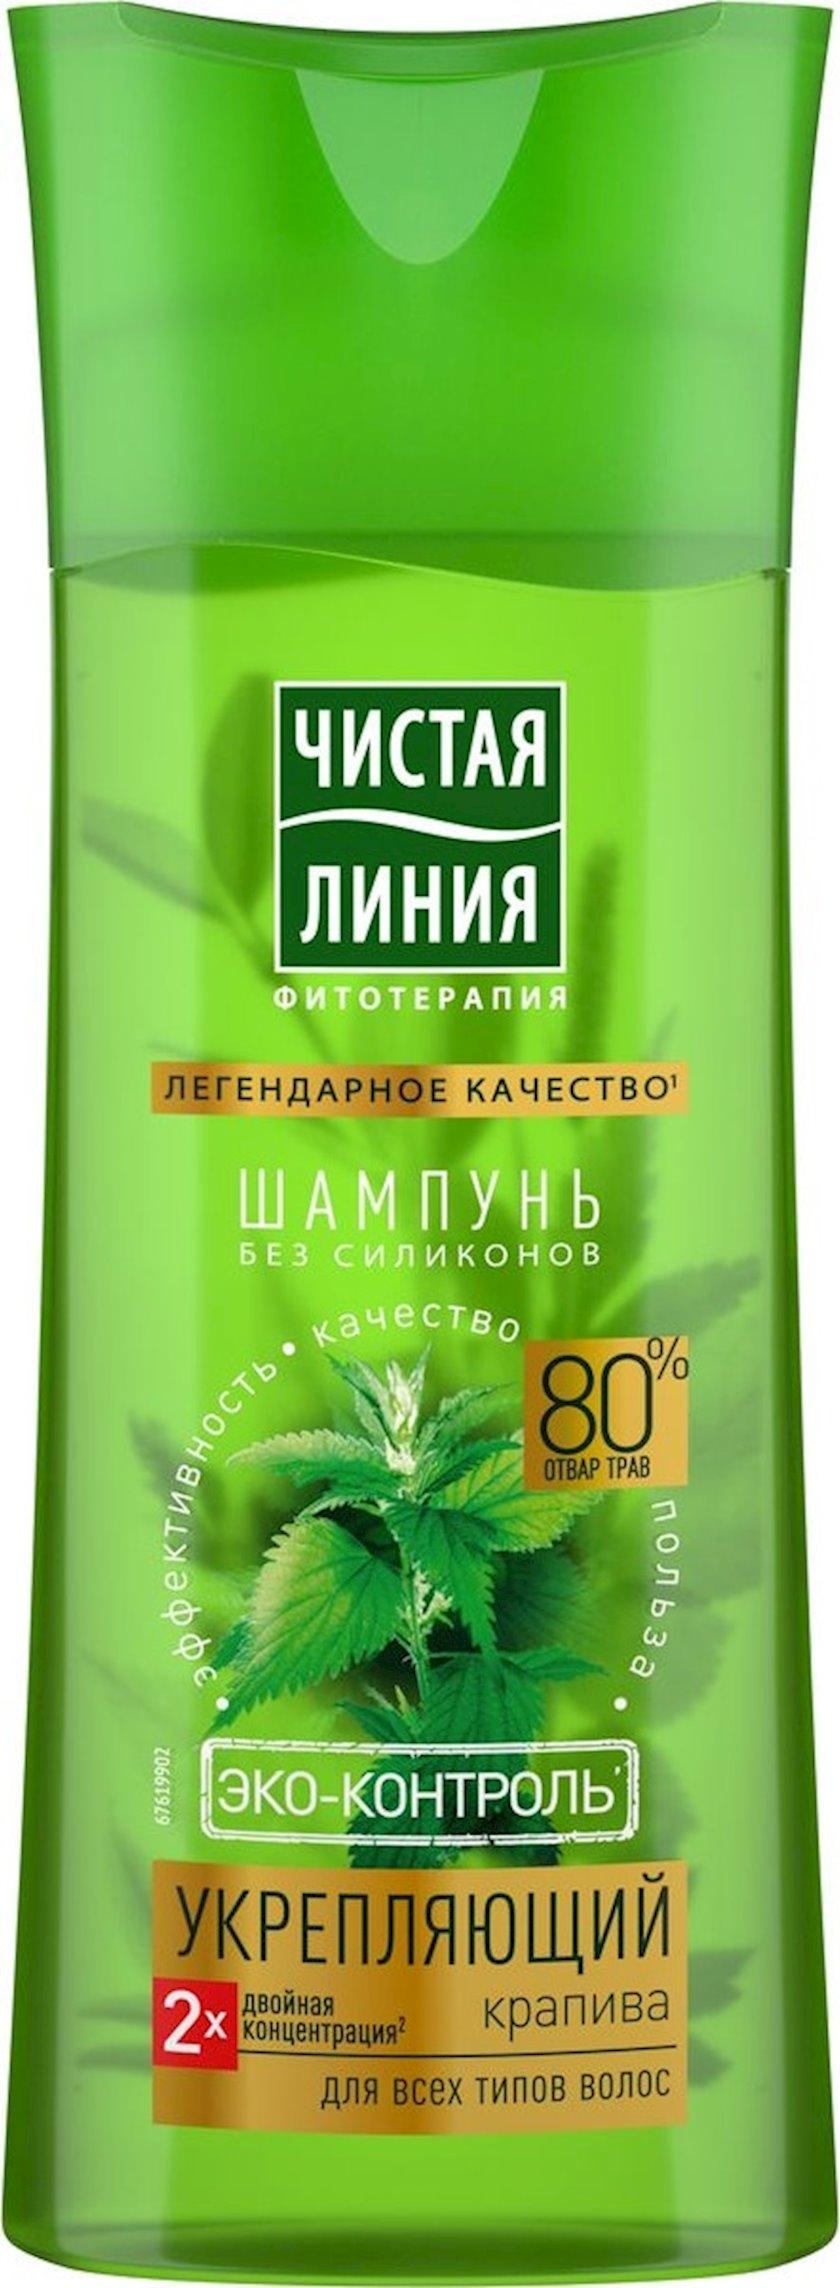 Möhkəmləndirici şampun  Чистая линия bütün tip saçlar üçün, müalicəvi otların həlimi əsasında, Gicitkən